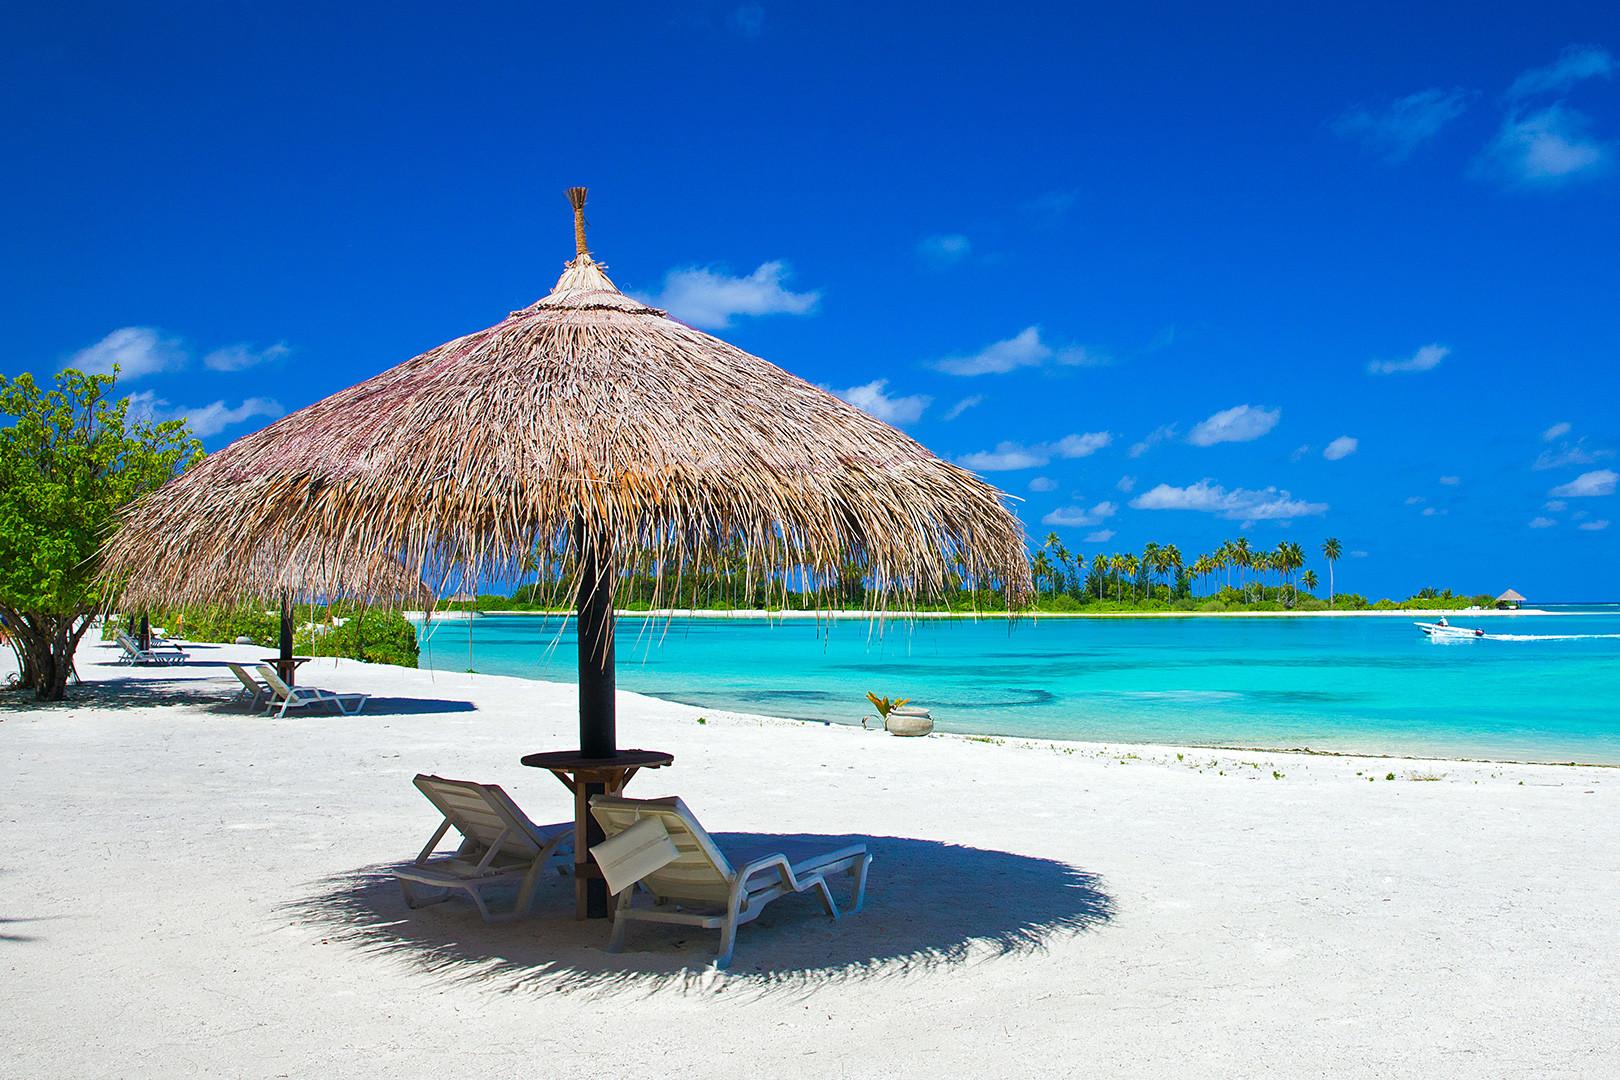 Sejur plaja Maldive, 10 zile - februarie 2021